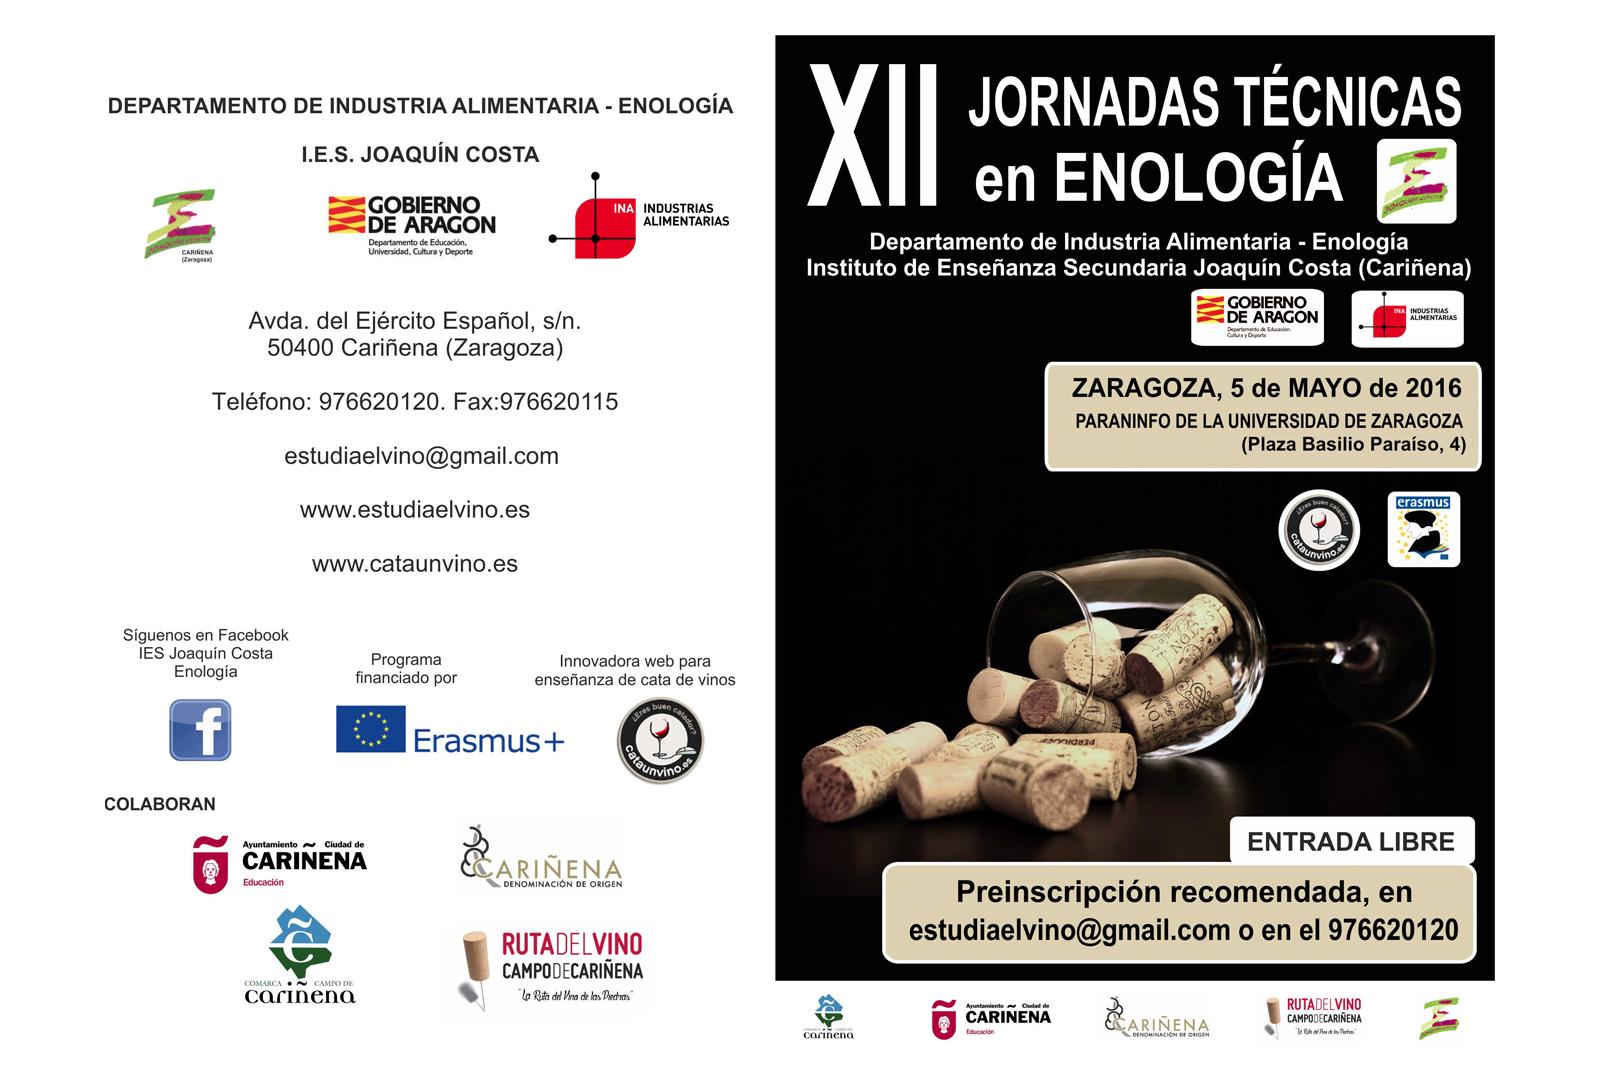 Jornadas Técnicas en Enología.